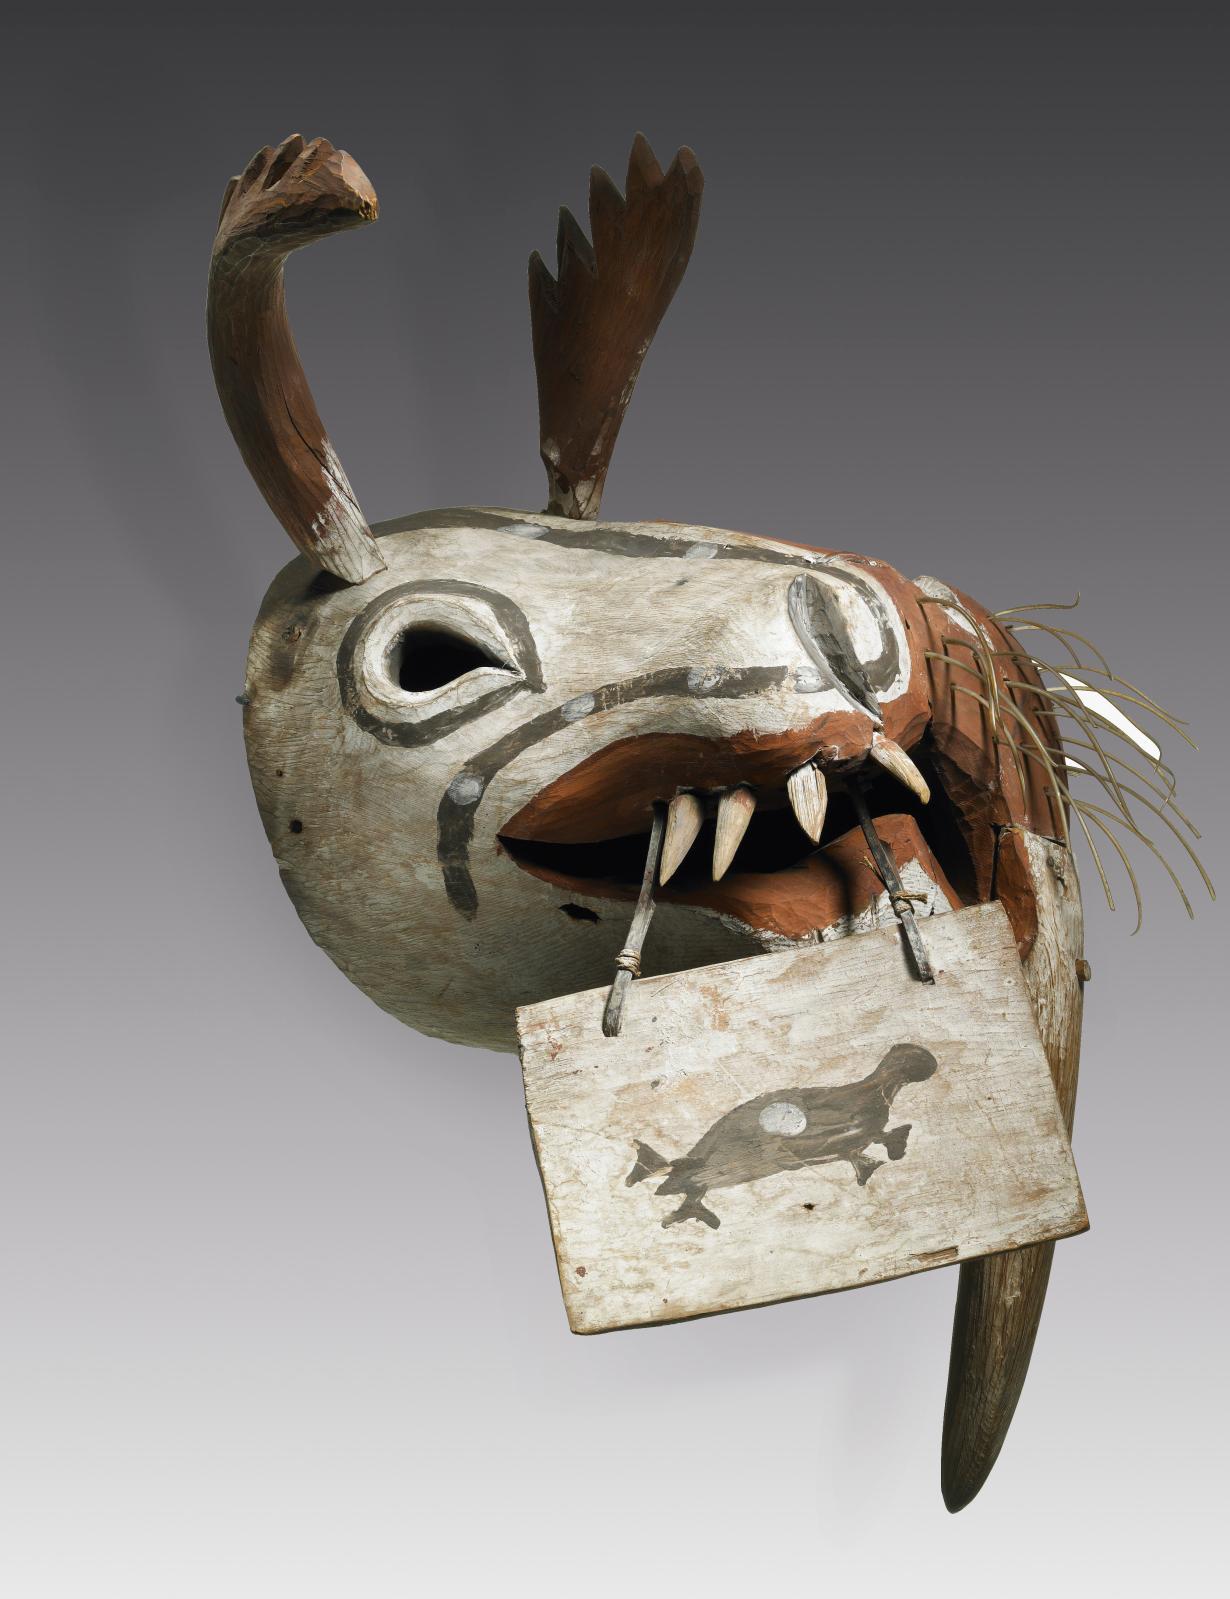 Masque cérémoniel kegginaquq: morse et caribou, culture yup'ik, Alaska, Amérique, début du XXesiècle, bois, poils, fibres végétales, pig